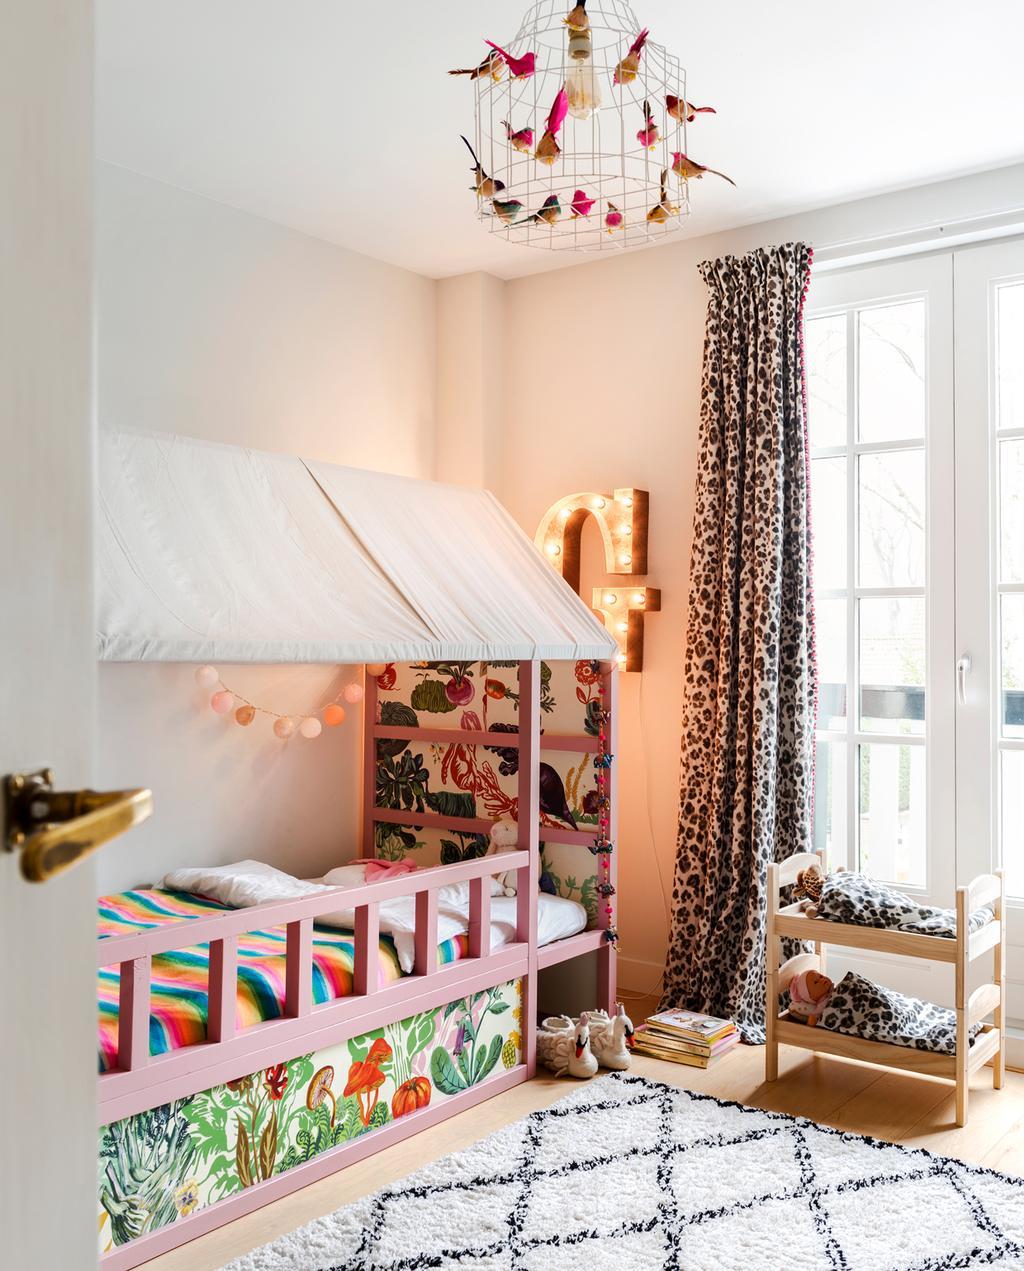 vtwonen binnenkijken special 2019 | binnenkijken in jaren twintig huis in Wassenaar kinderslaapkamer